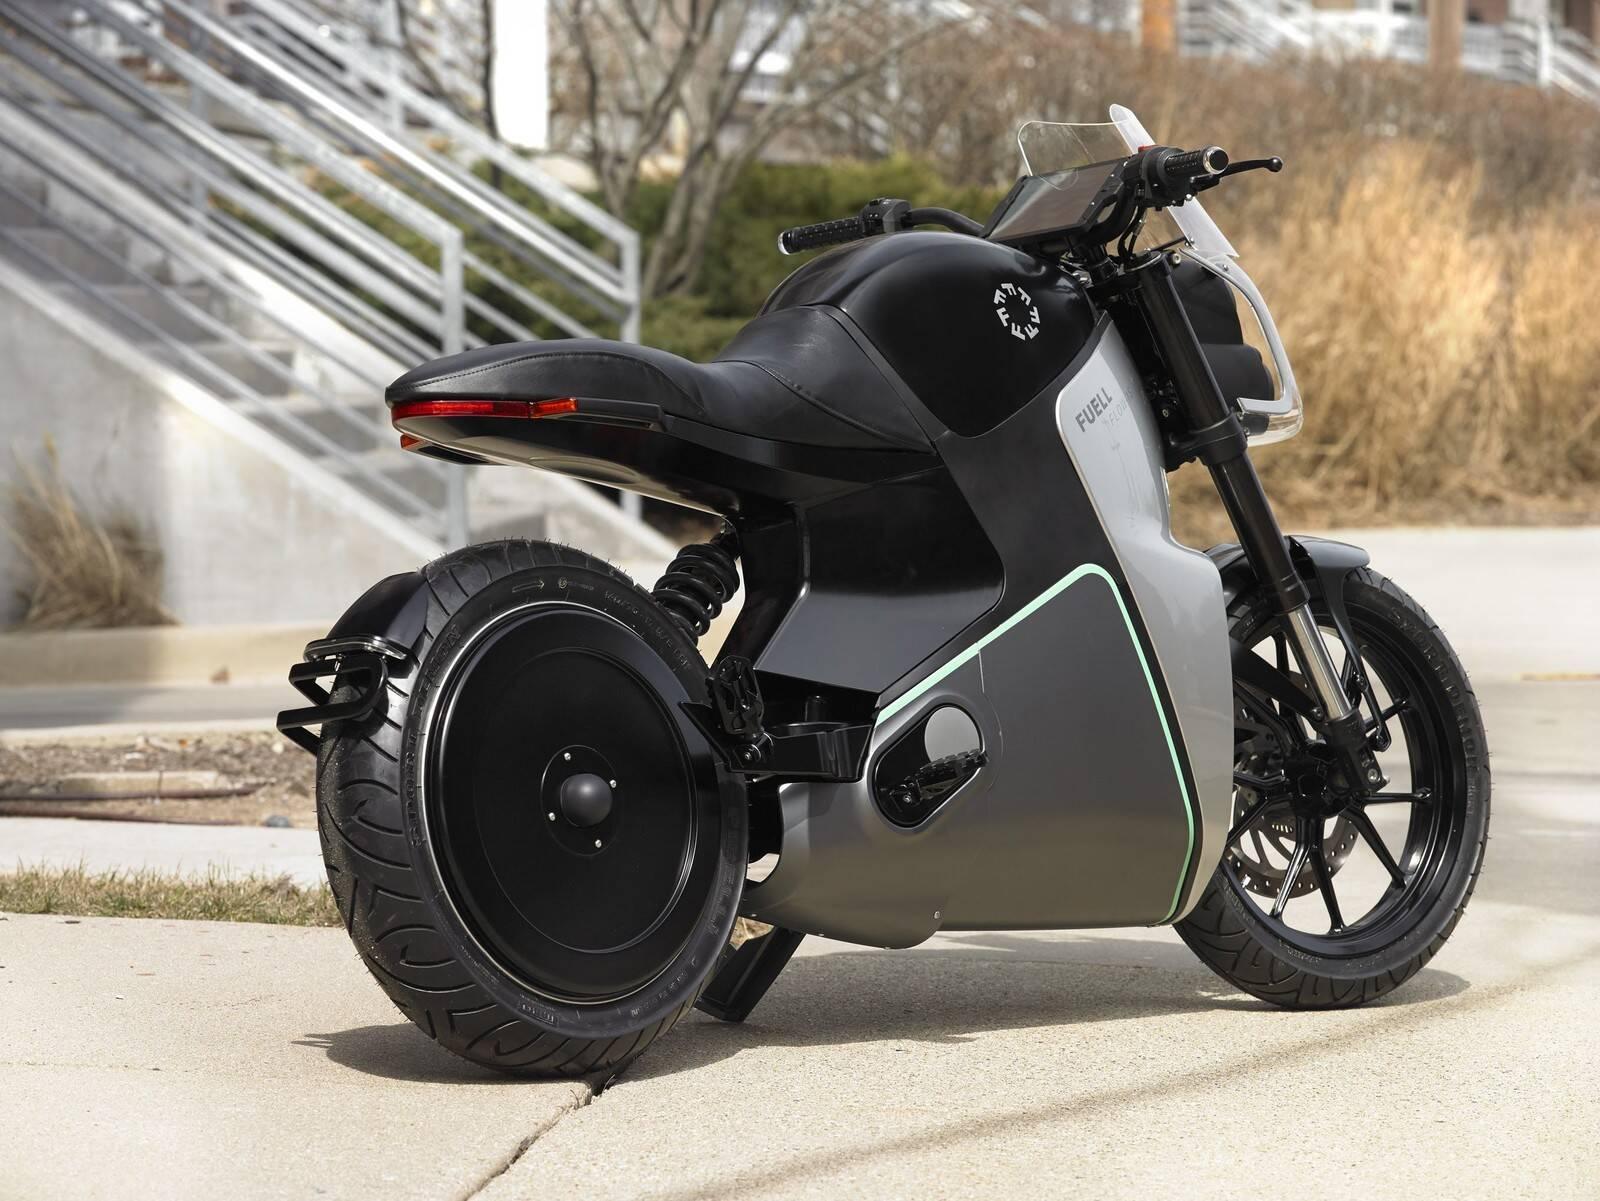 Motocicleta elétrica Buell. Foto: Divulgação